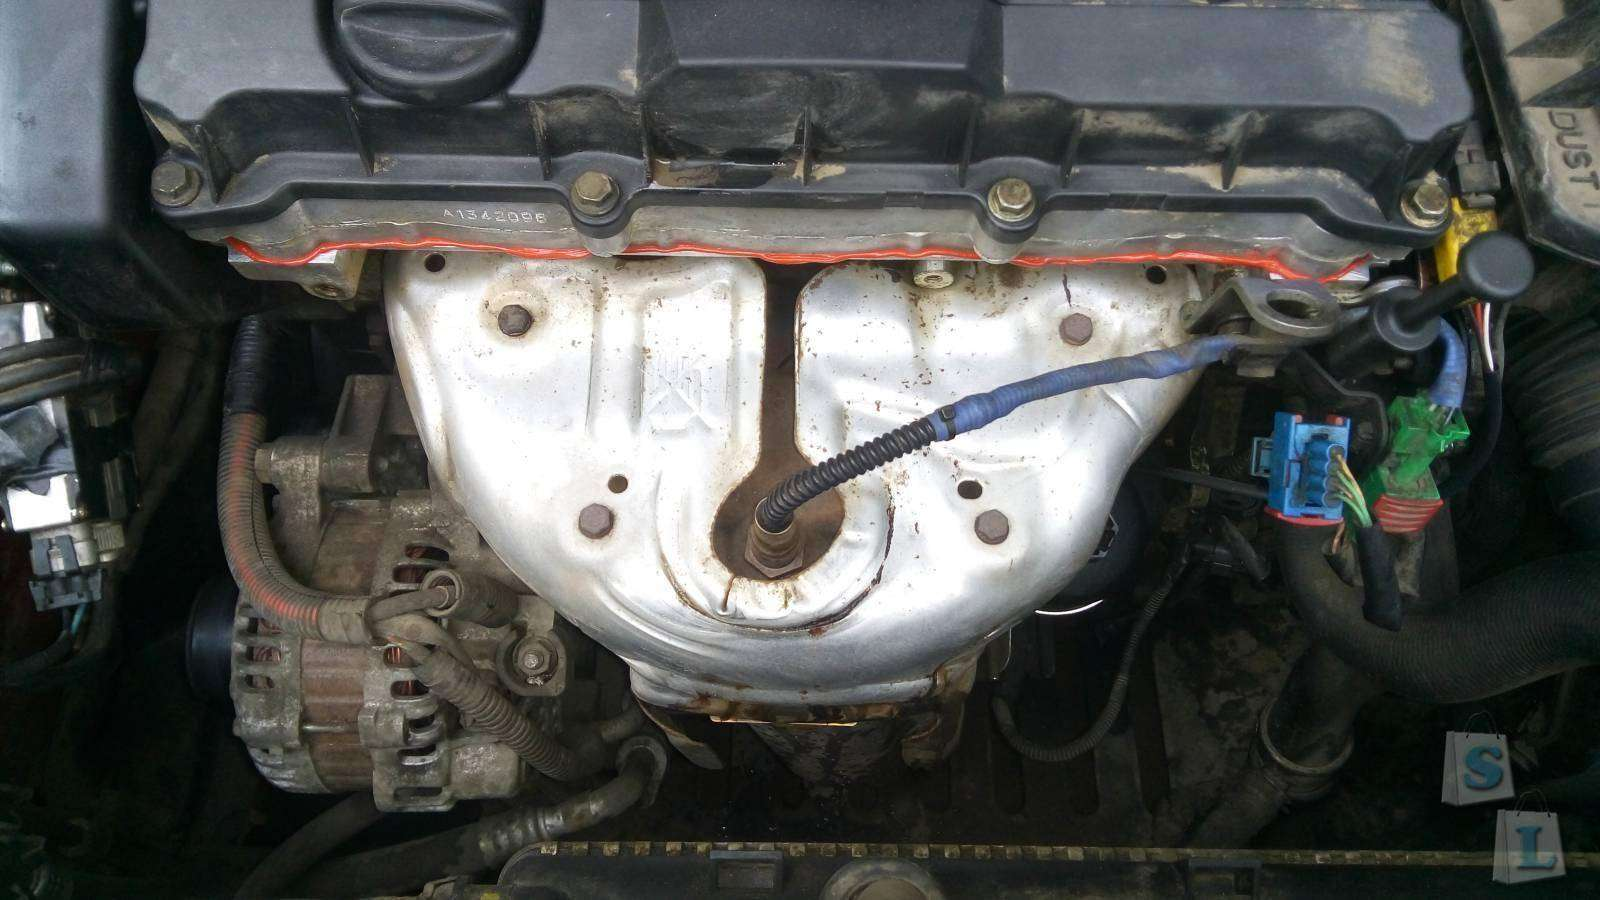 Aliexpress: Чудо губка из меламина - очистка двигателя автомобиля от потеков масла